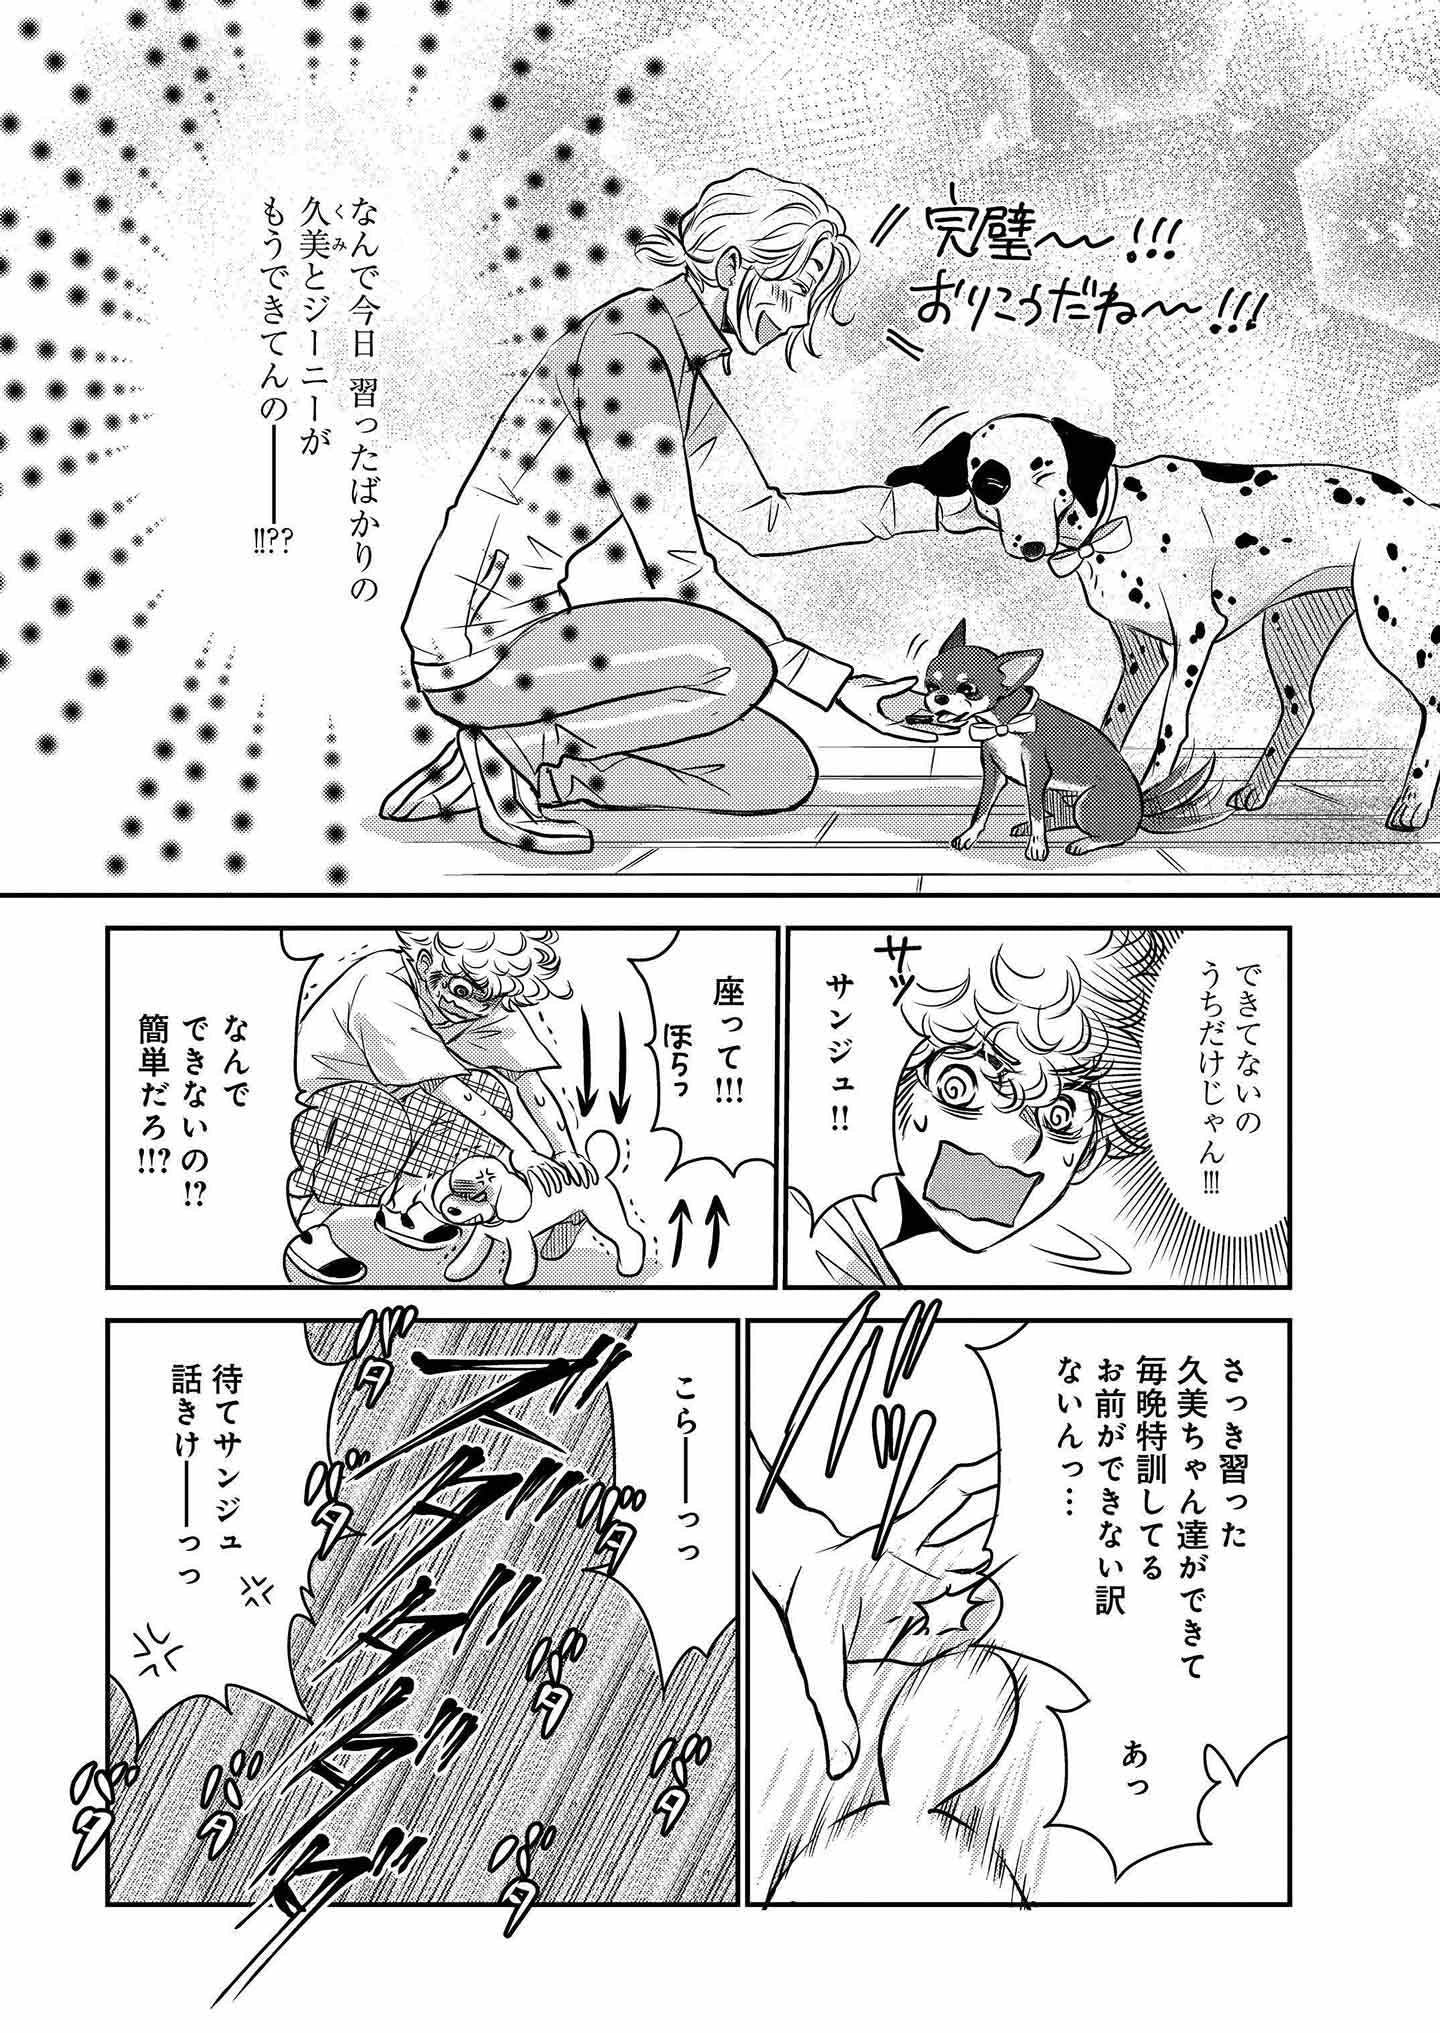 『DOG SIGNAL』12話目① 7ページ目